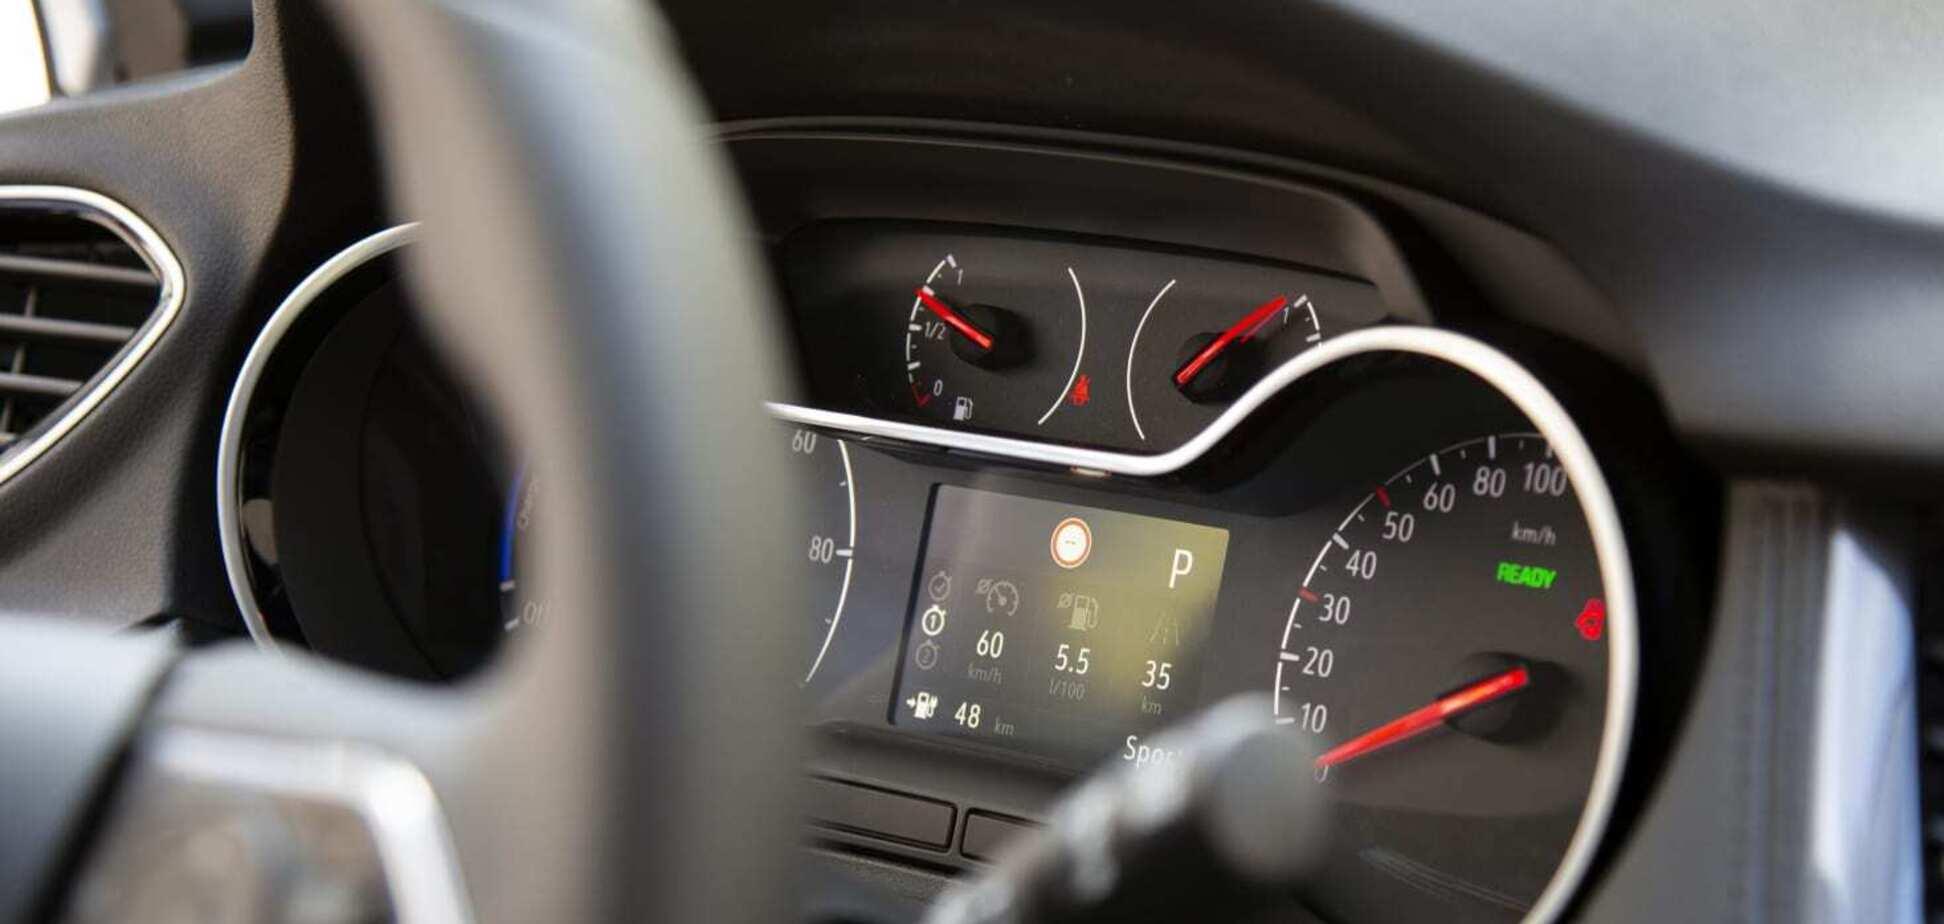 Расход топлива: на сколько обманывают бортовые компьютеры авто